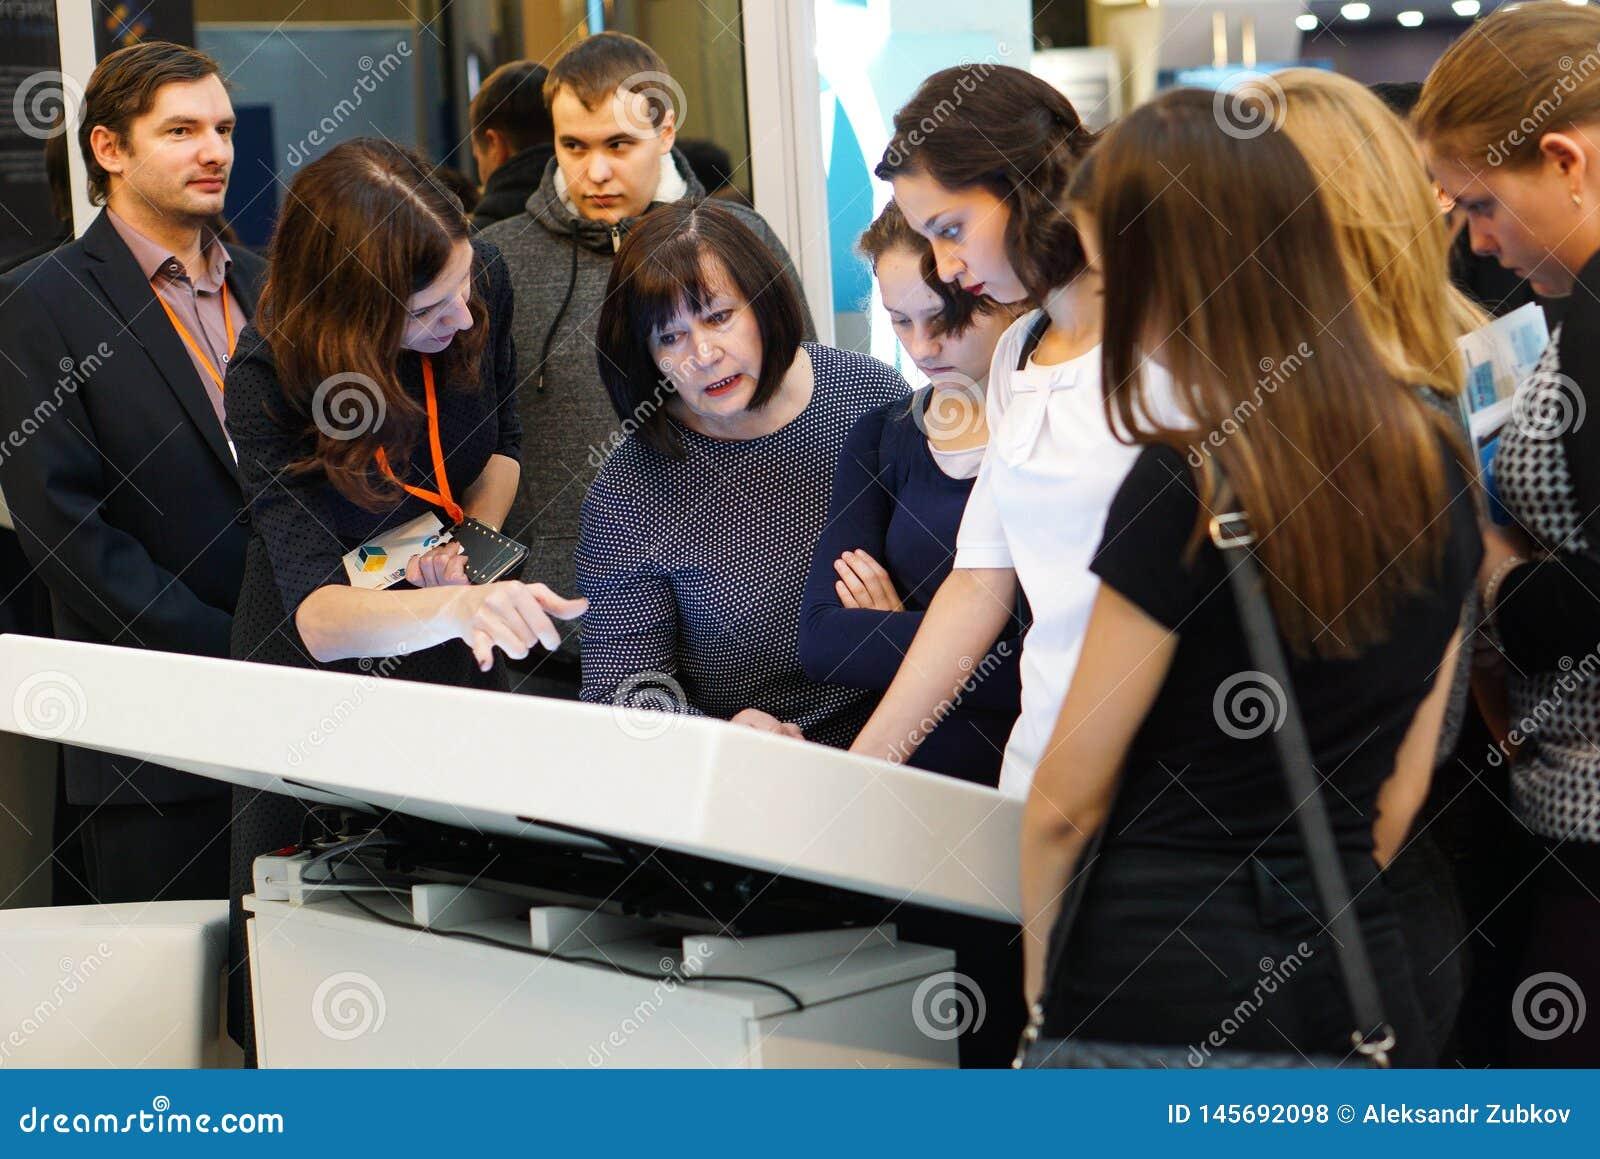 Tyumen, Rusia, 09 07 2016 Foro de tecnolog?as innovadoras Cient?ficos, pol?ticos y hombres de negocios de la comunicaci?n